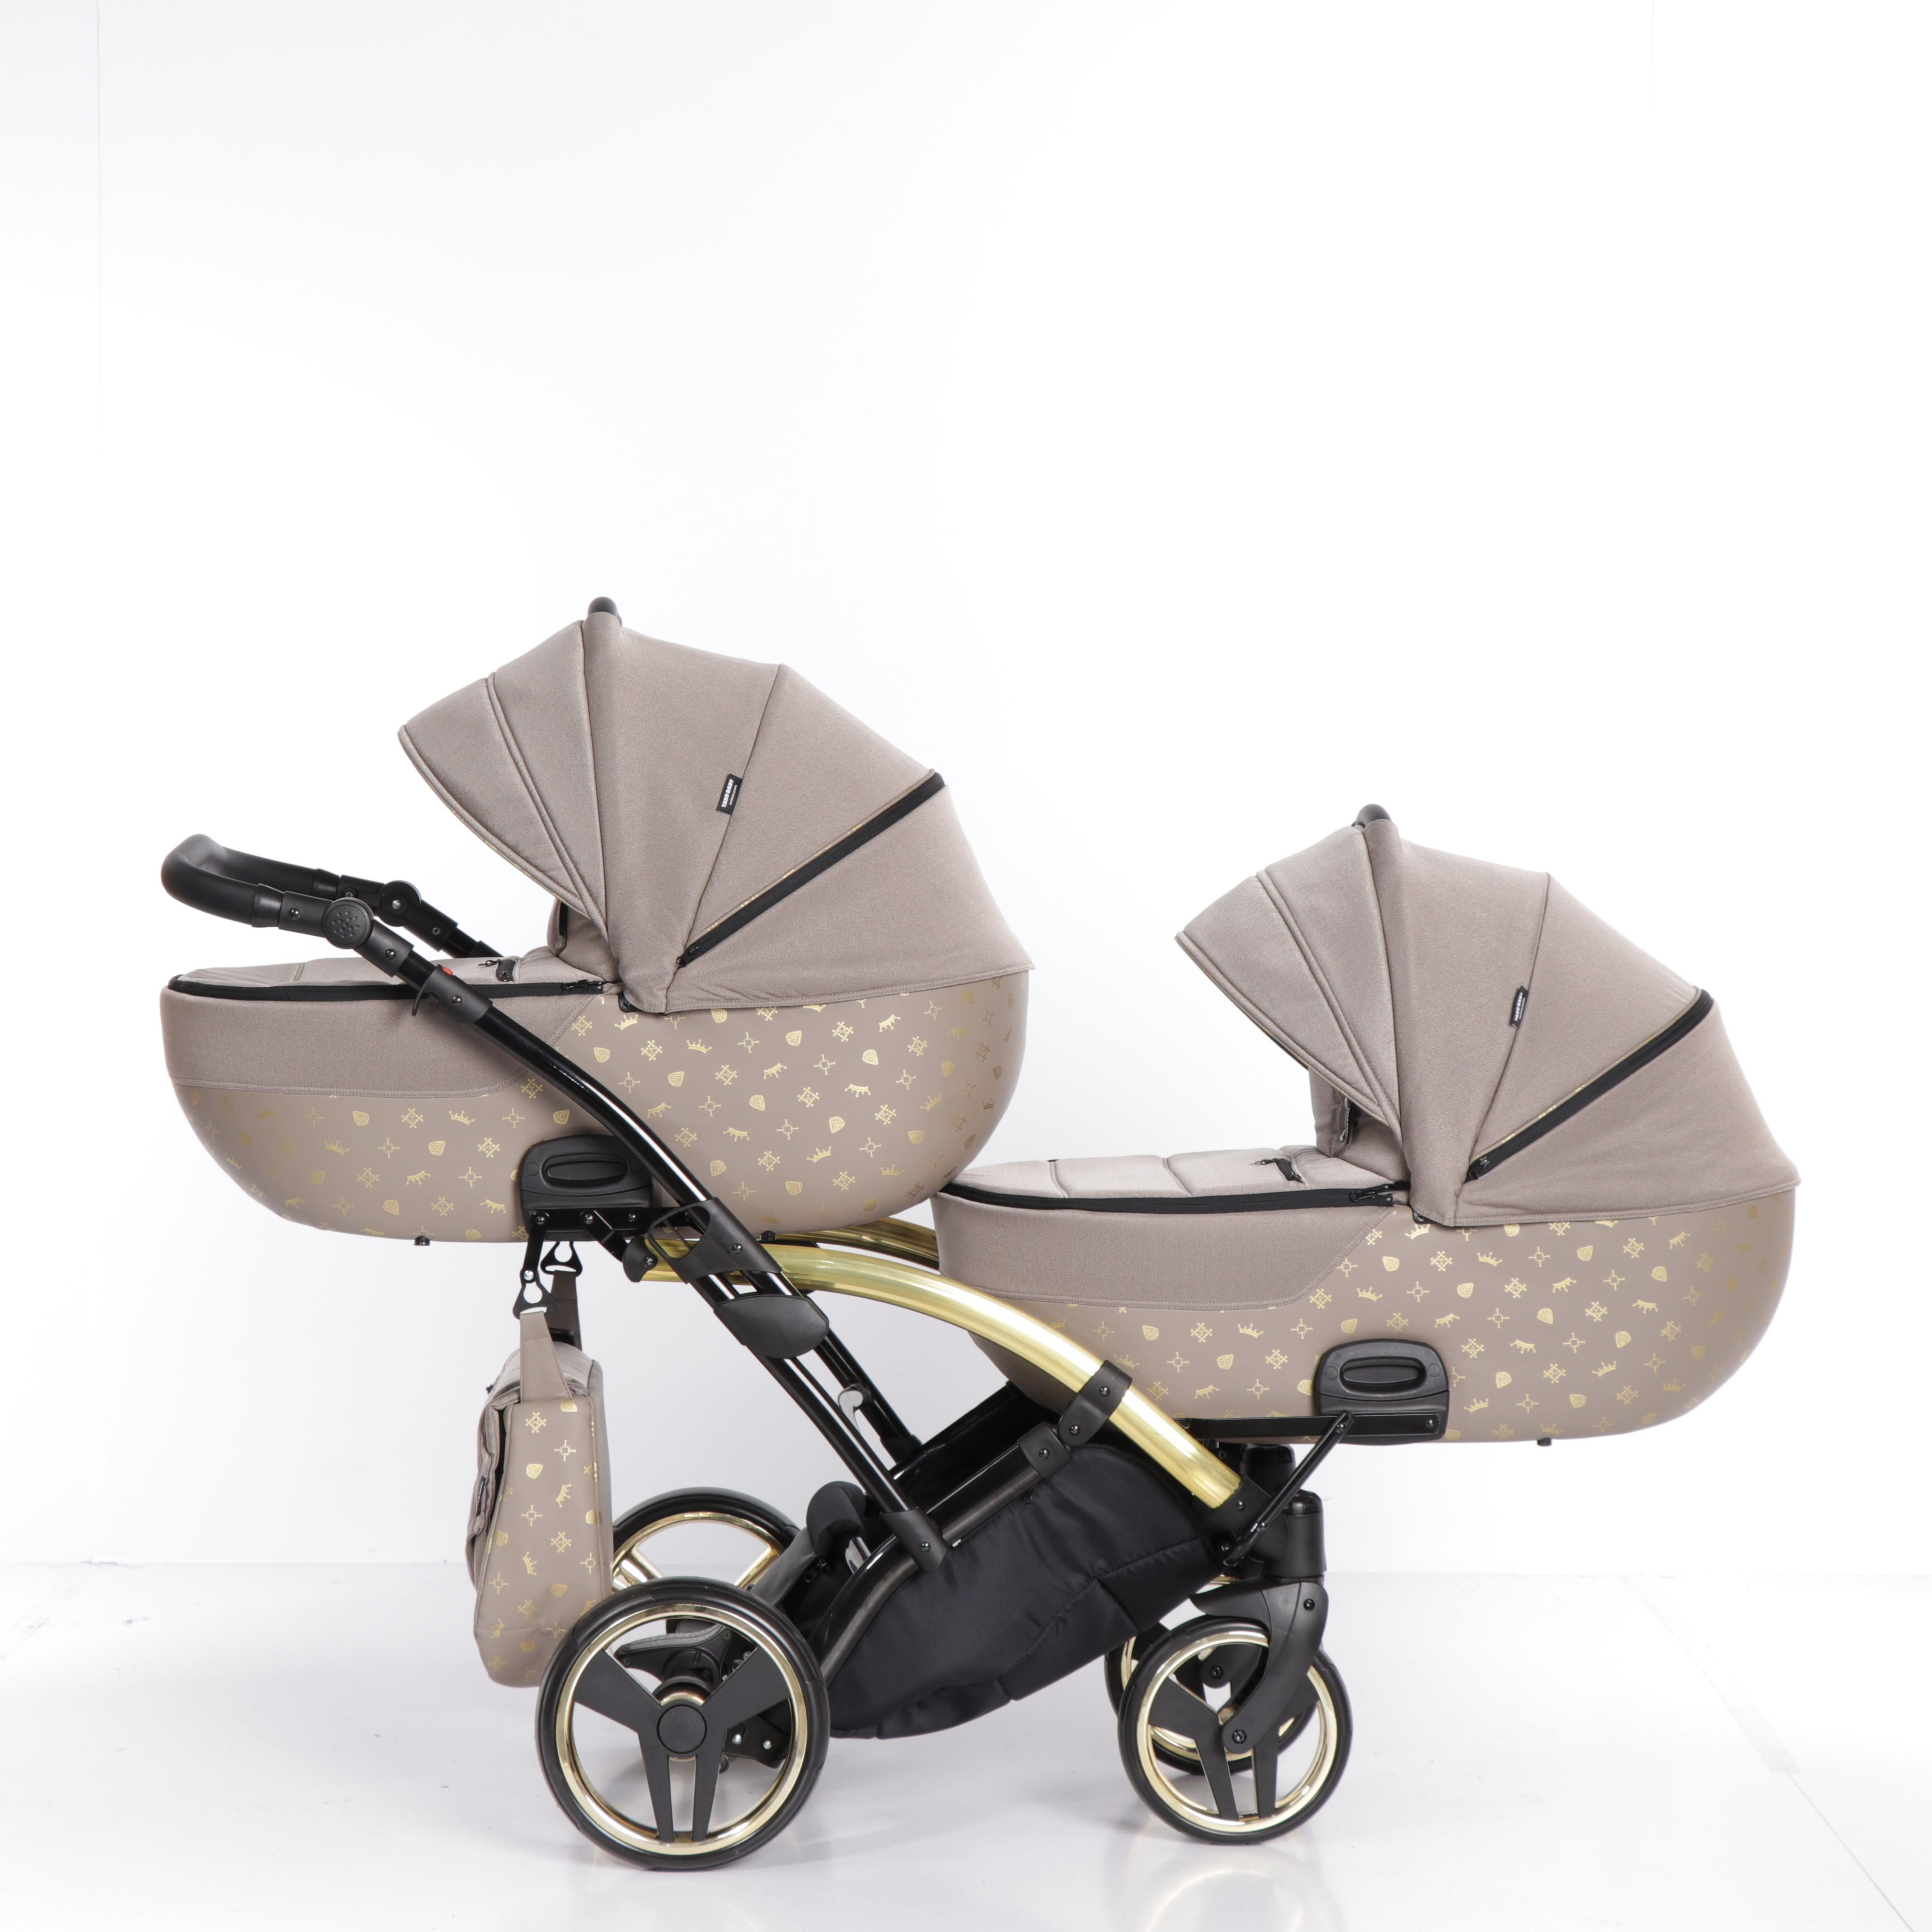 wózek bliźniaczy Imperial Laret Duo Tako wielofunkcyjny dzieciecy Dadi Shop gondola spacerówka funkcje montaż